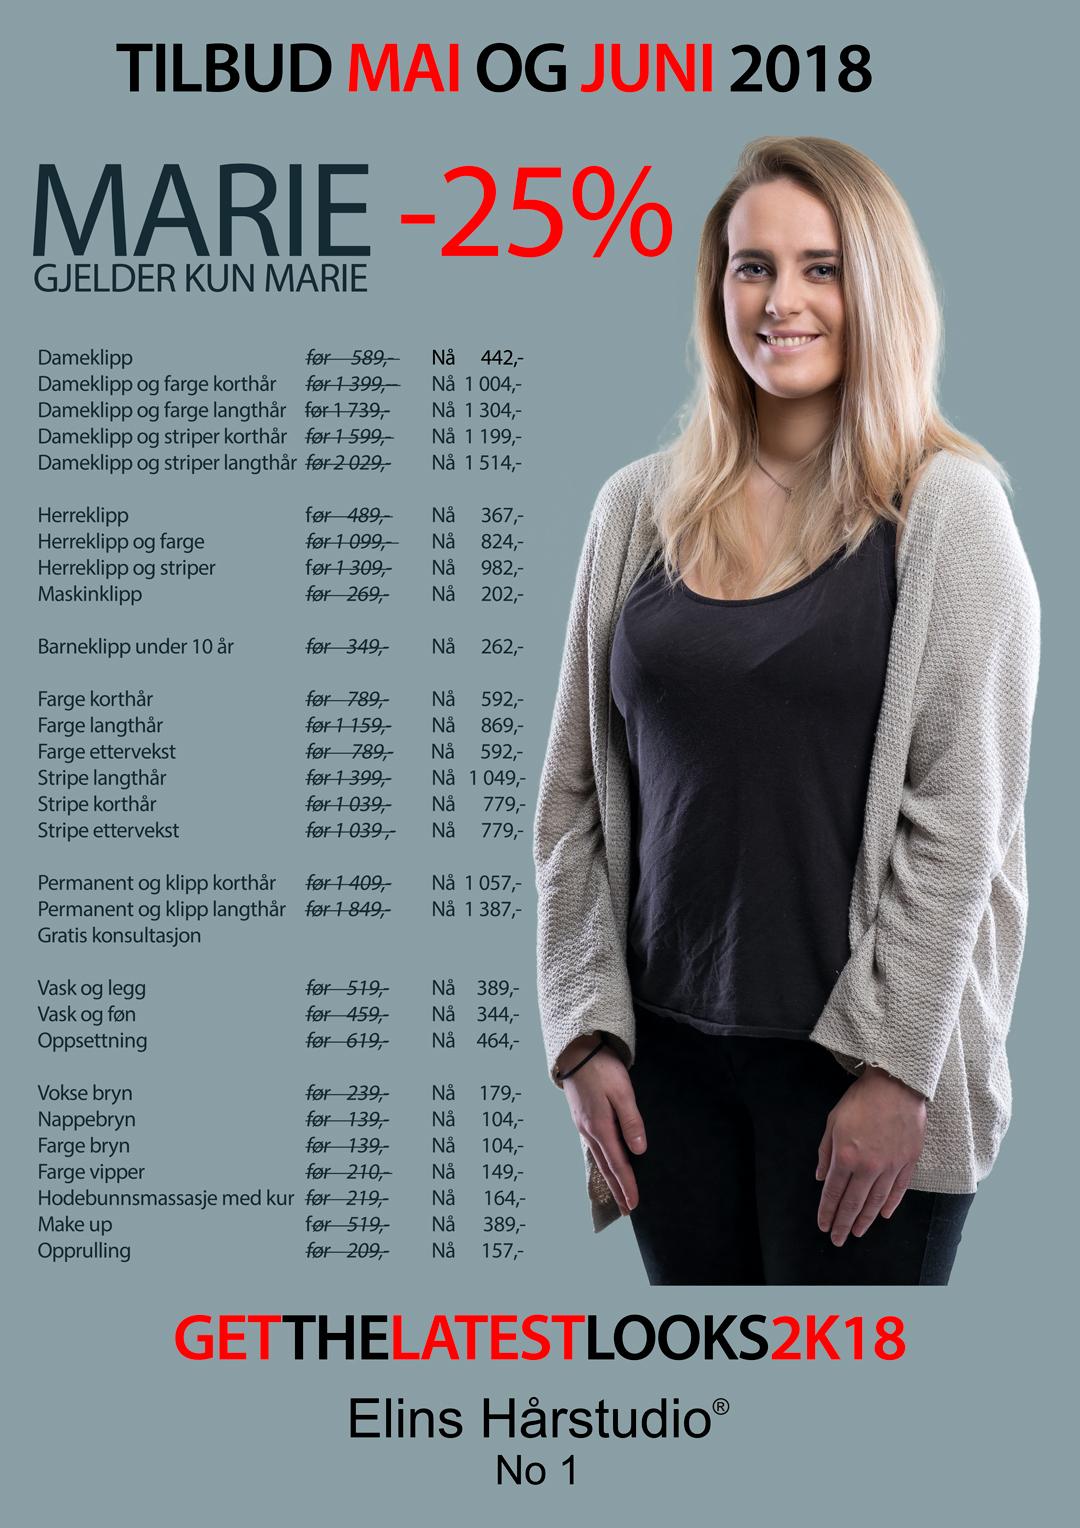 MARIE -25% – TILBUD MAI OG JUNI 2018